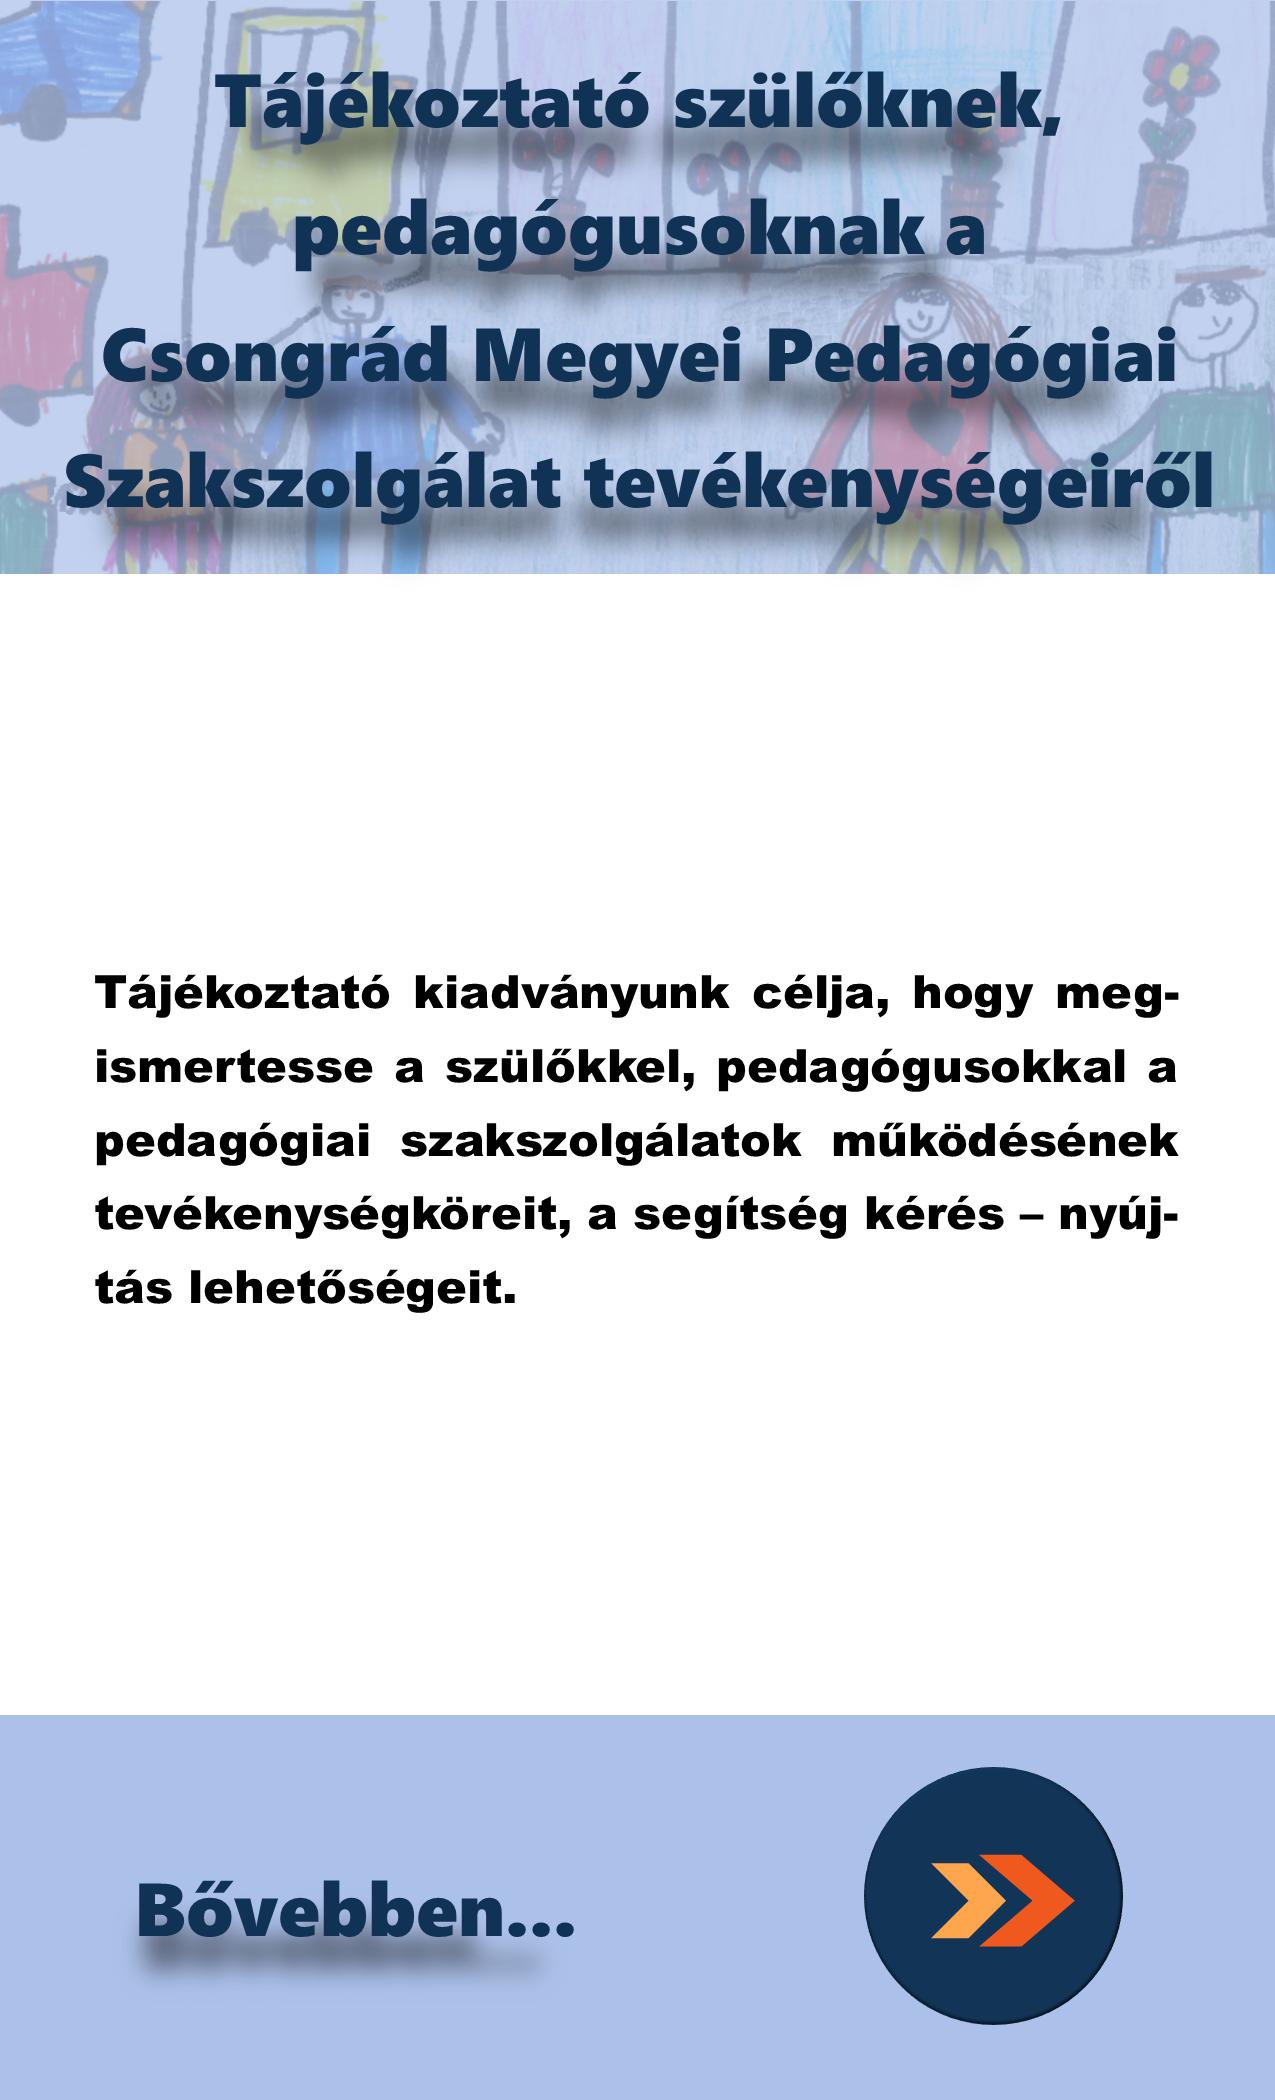 Webhelyhez_CSMPSZ_általános_tájékoztató